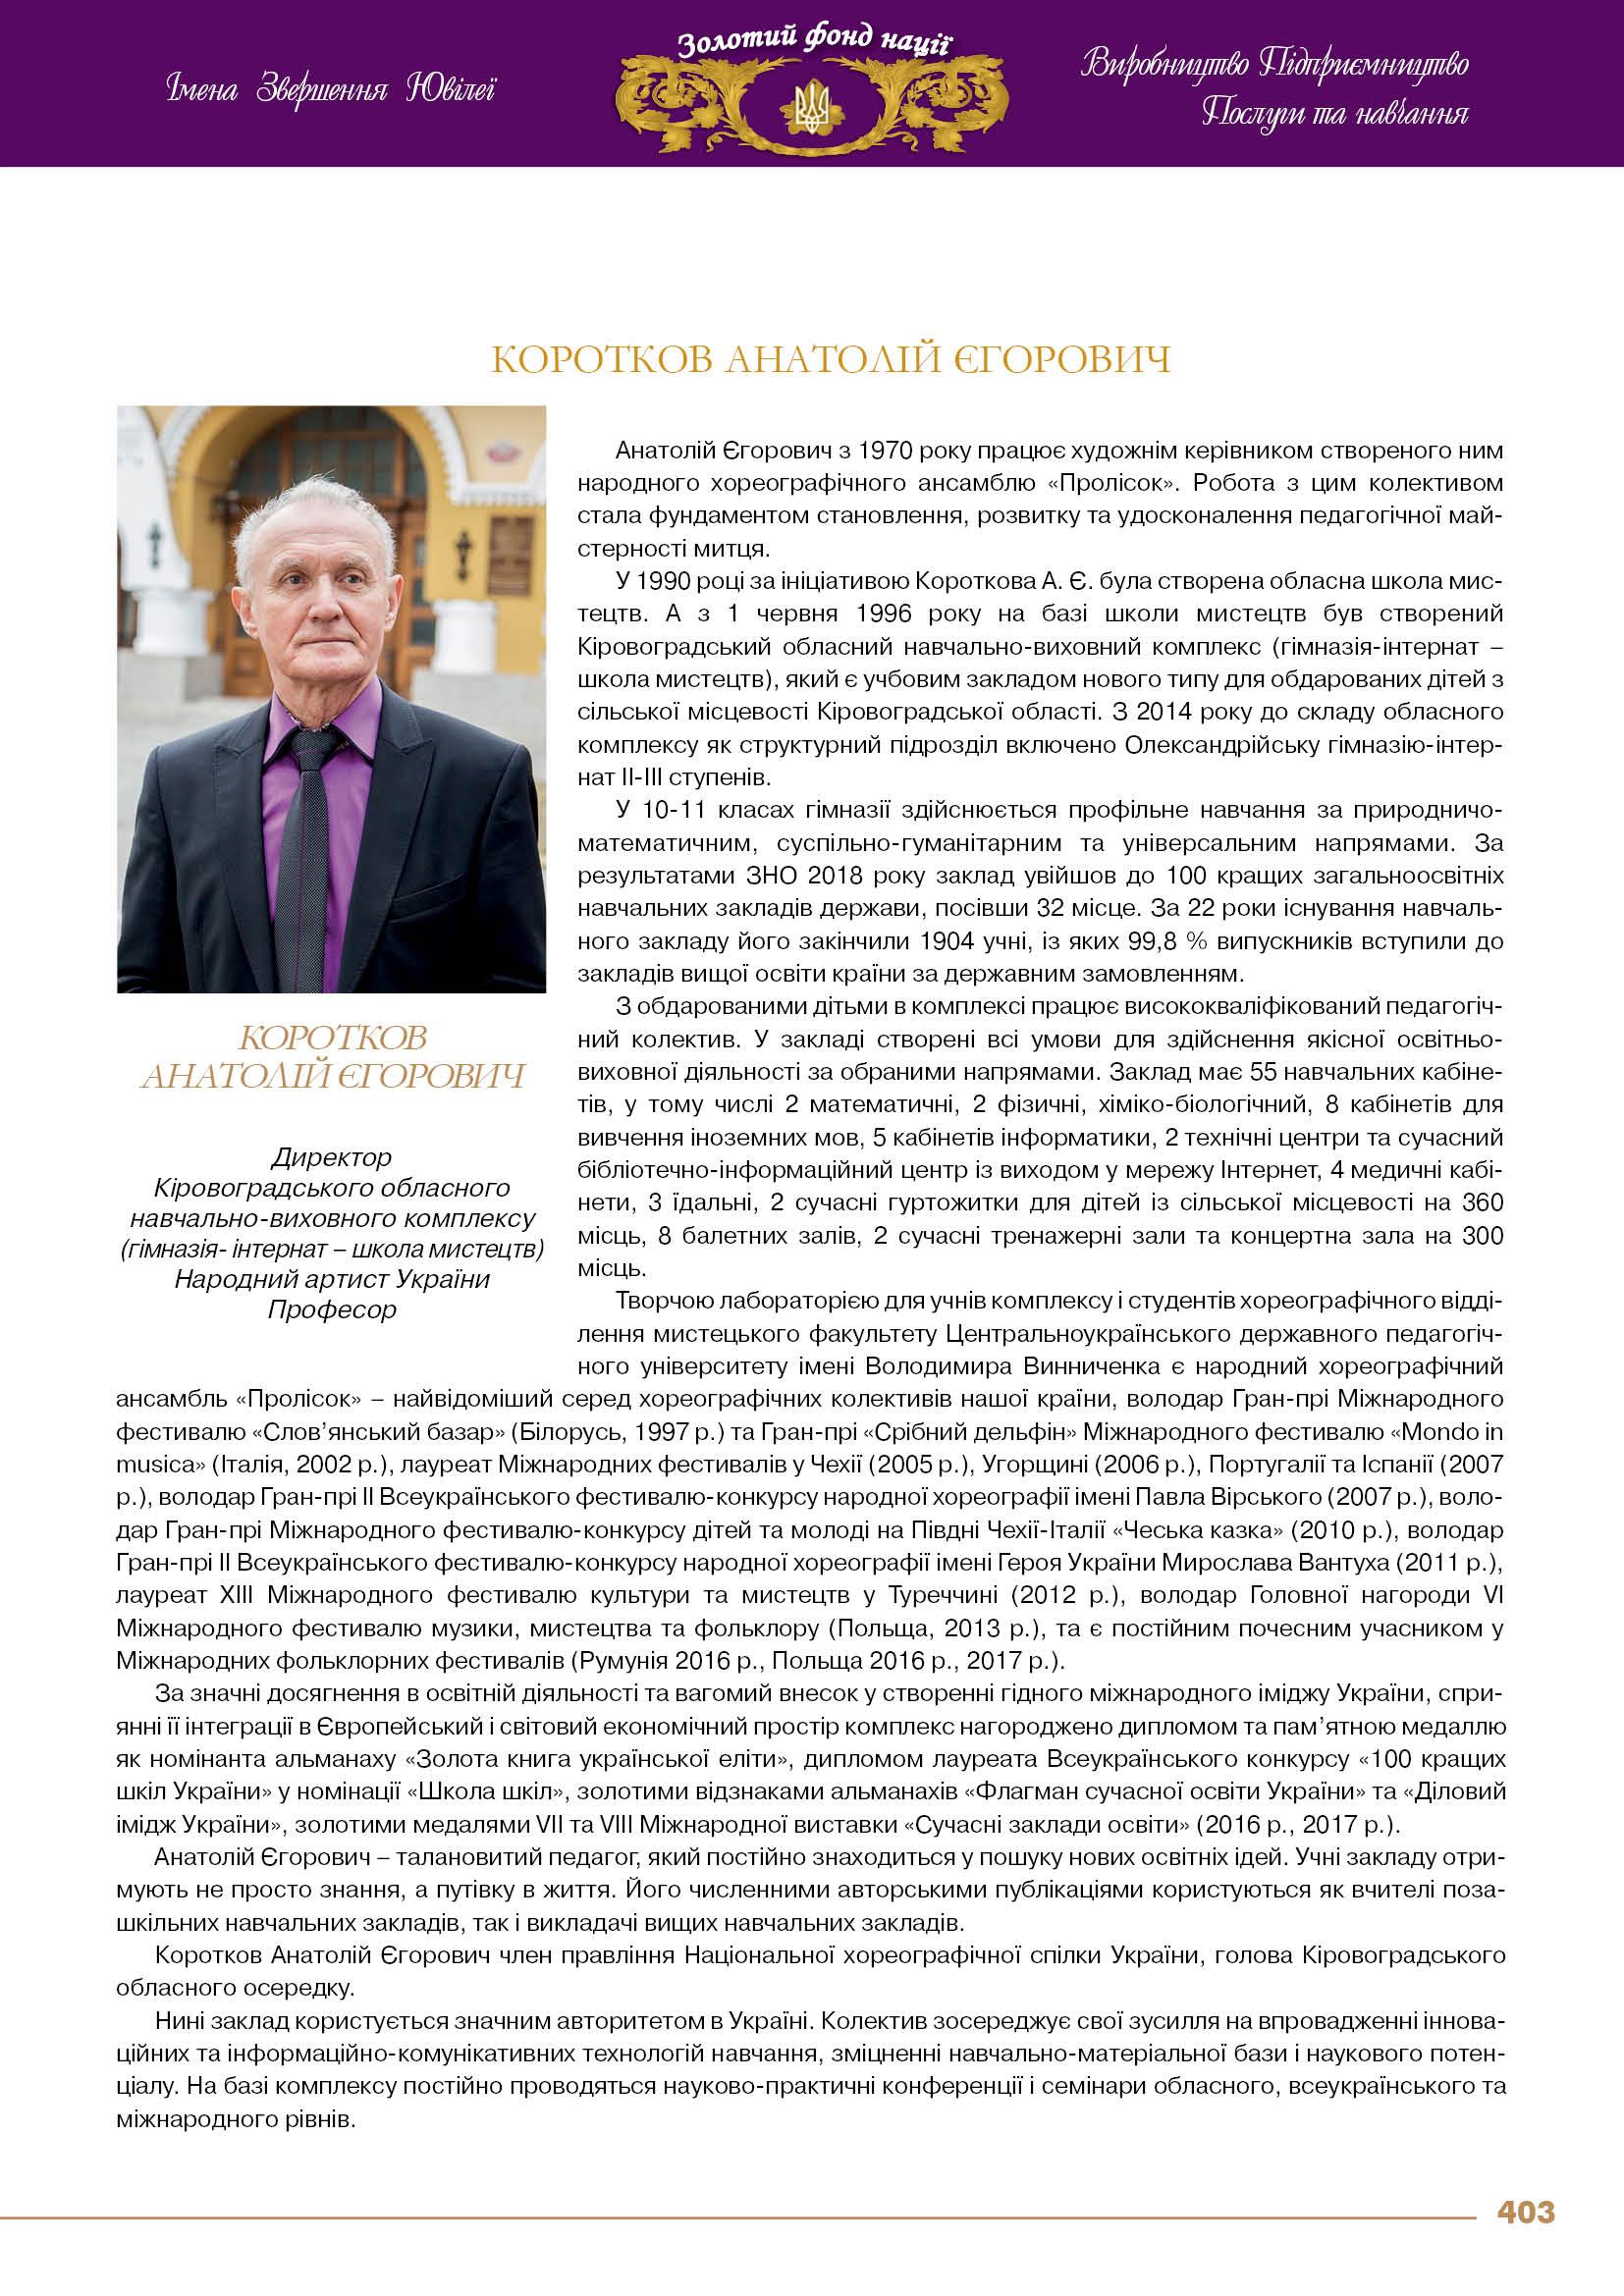 Коротков Анатолій Єгорович